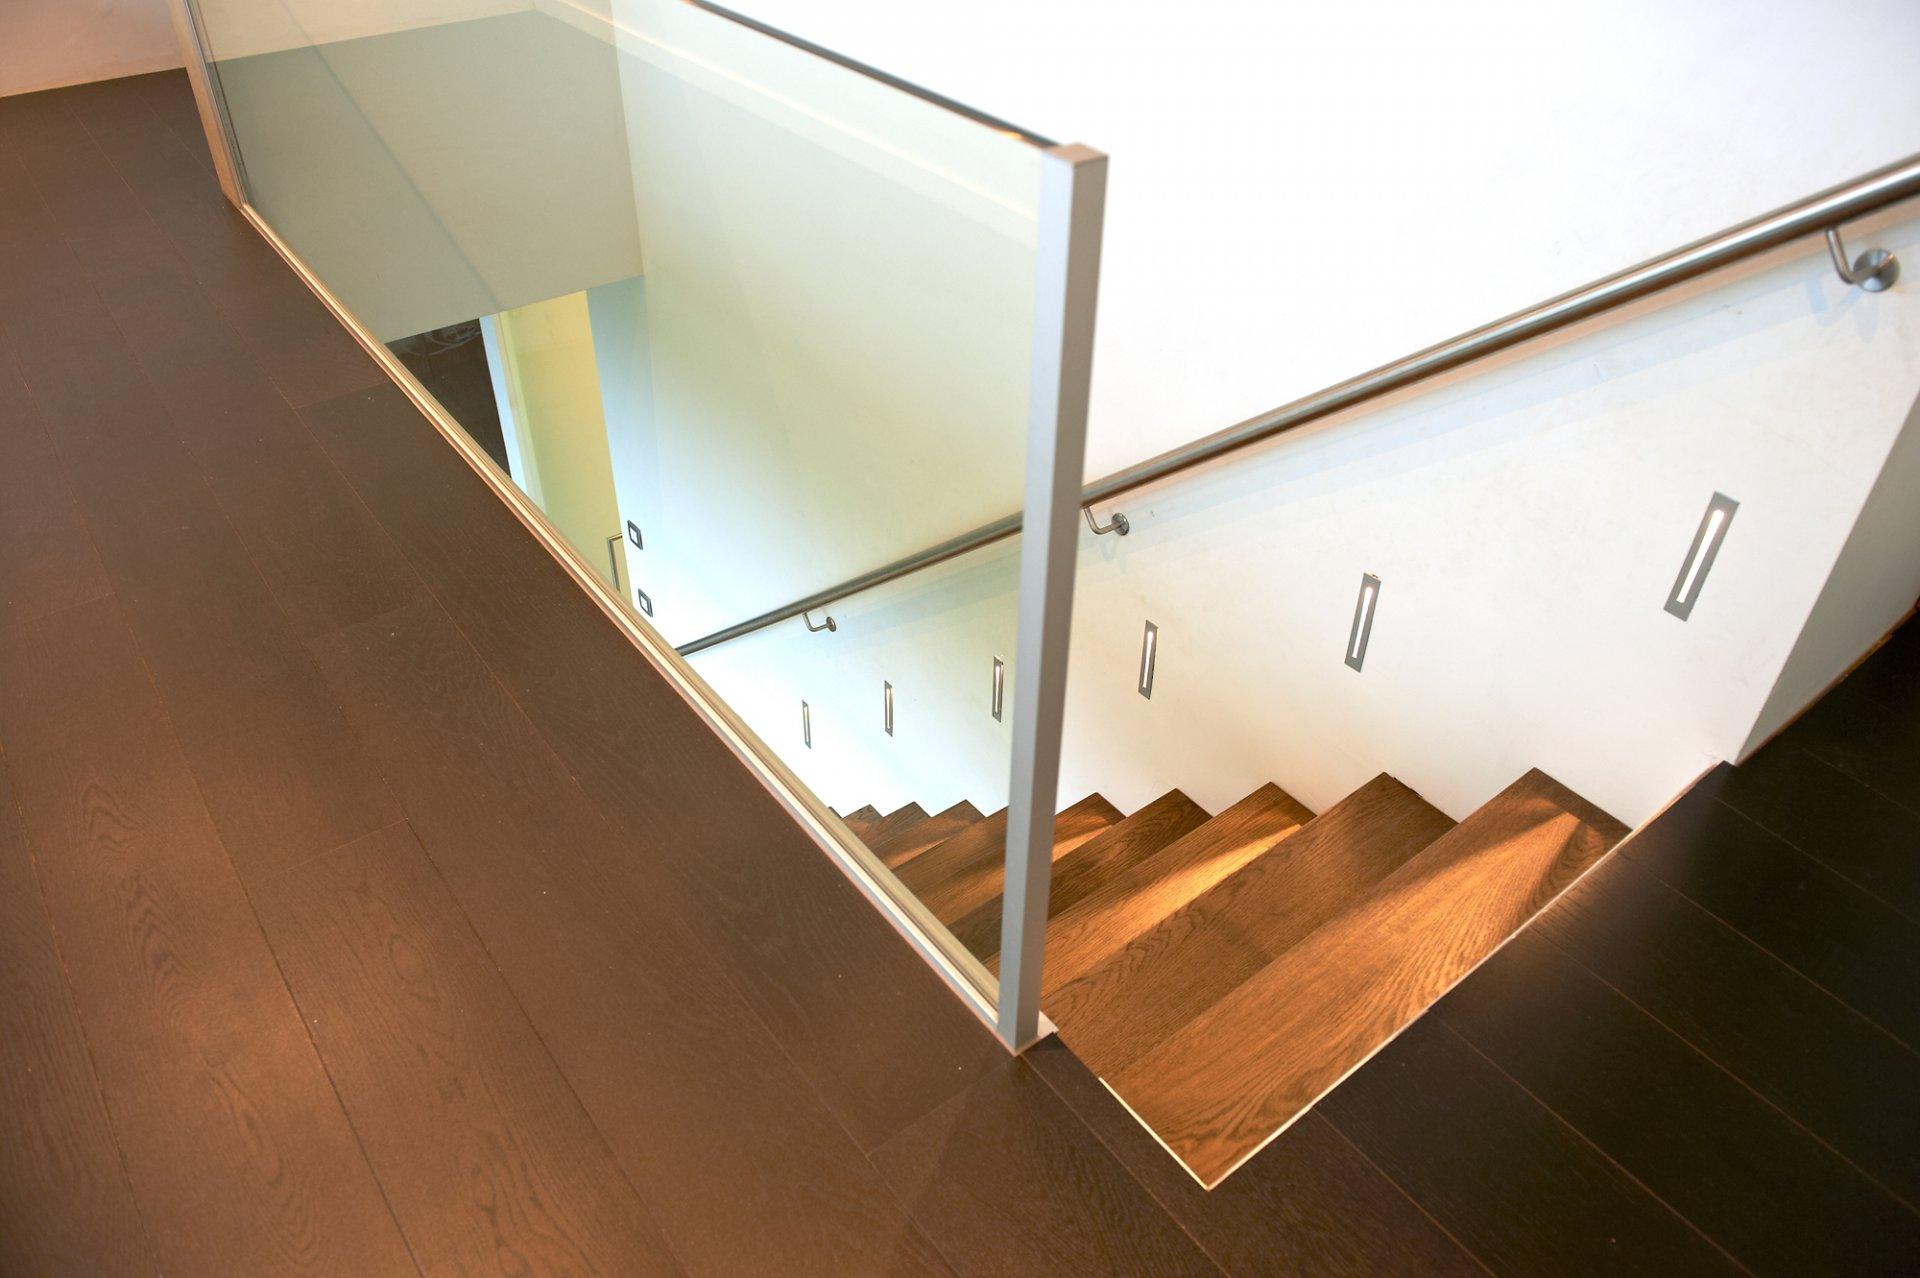 Deco beneden trap: éénvoudige oplossing voor trap naar mezzanine